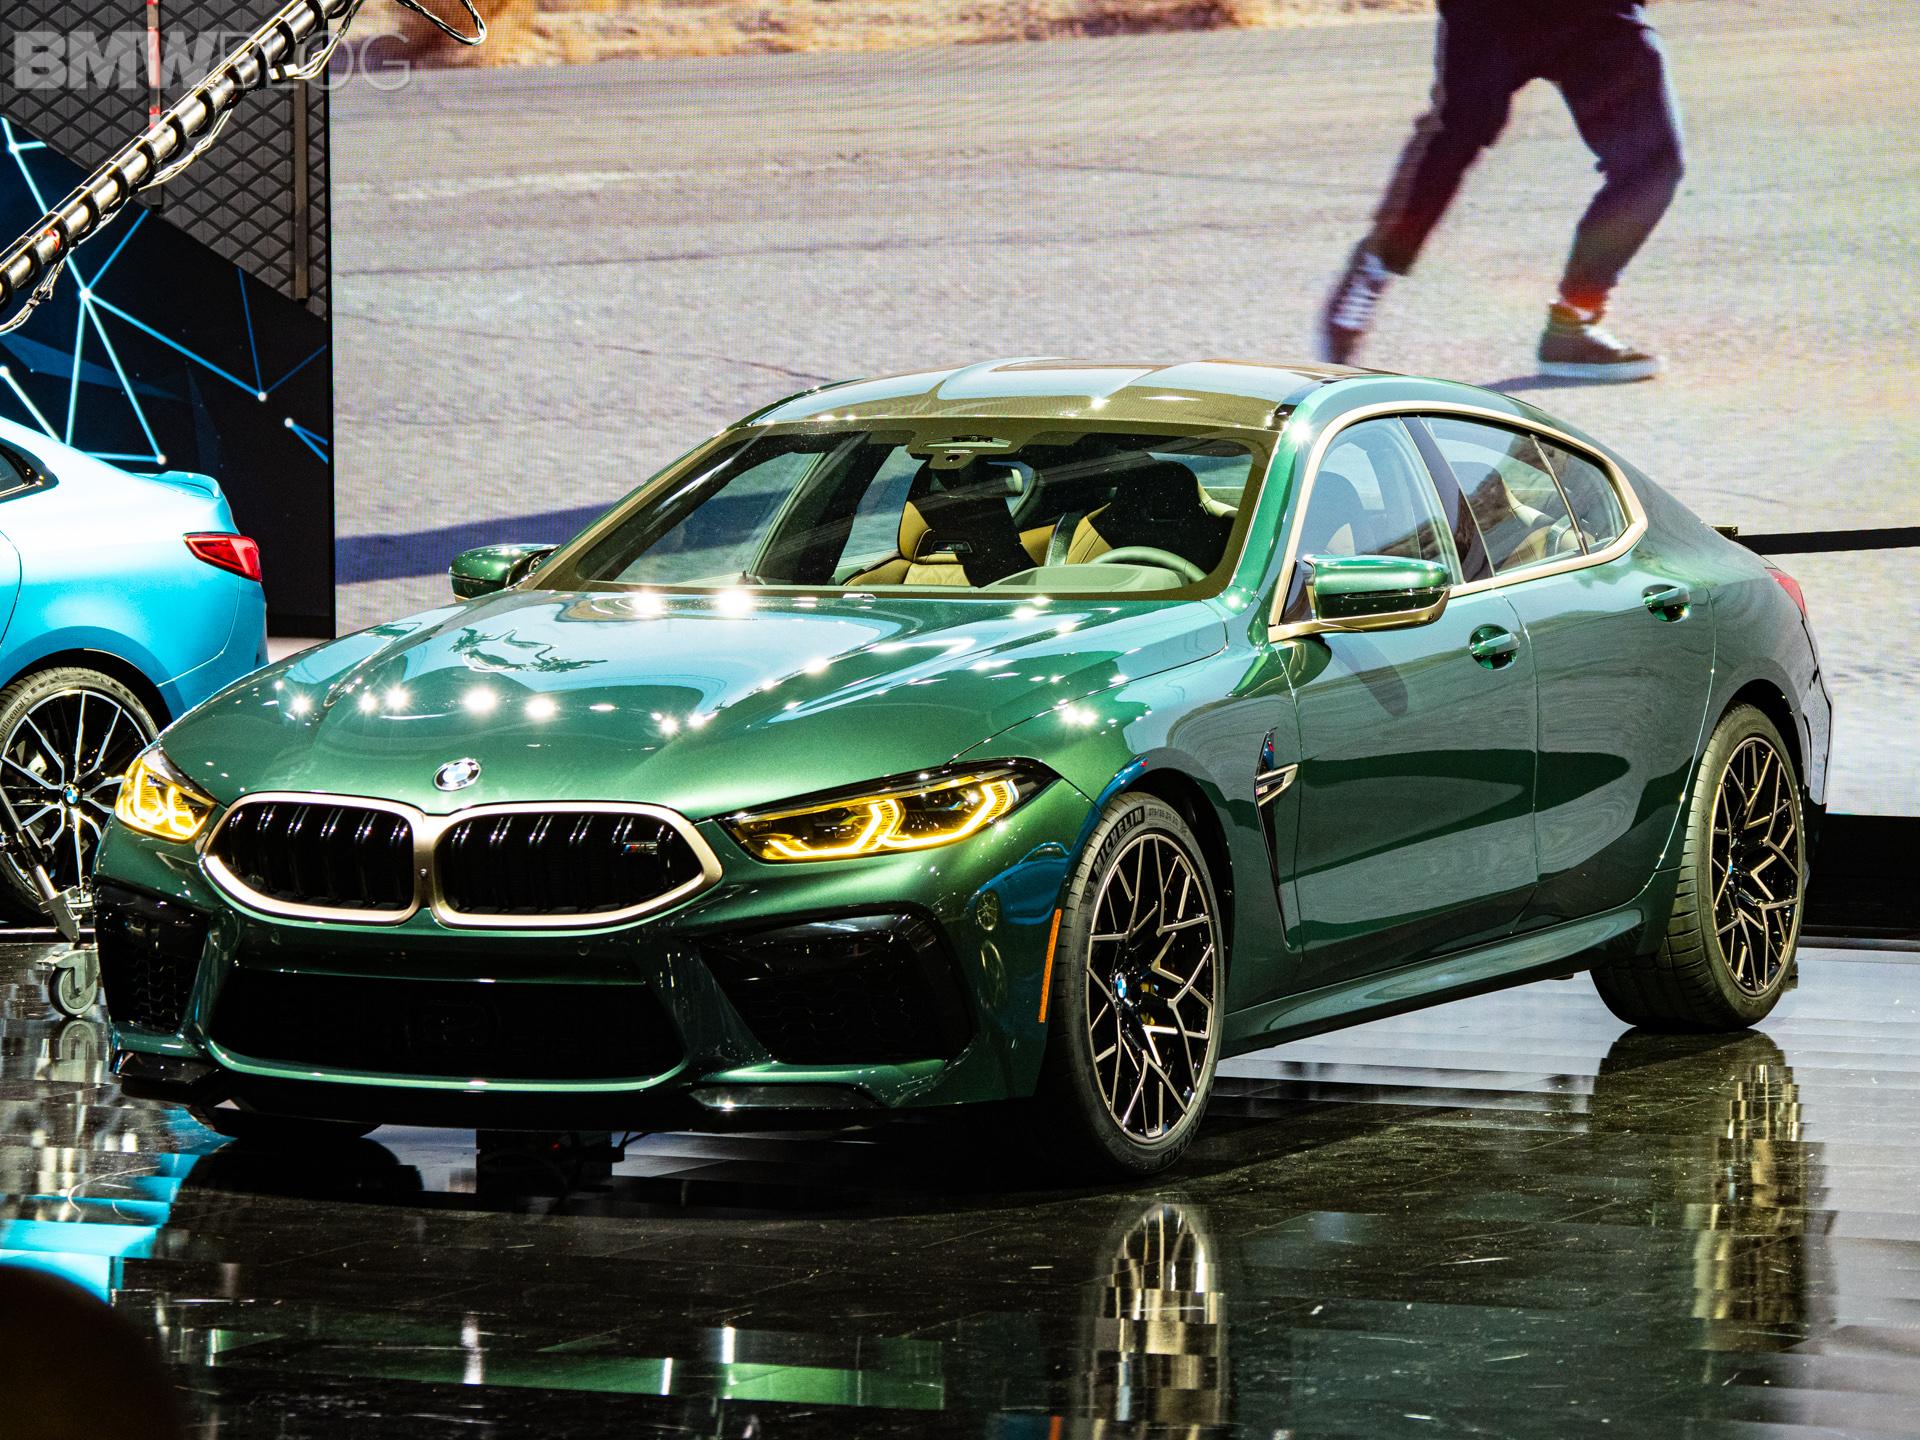 2020 BMW M8 Gran Coupe Aurora Diamant Green Metallic 7